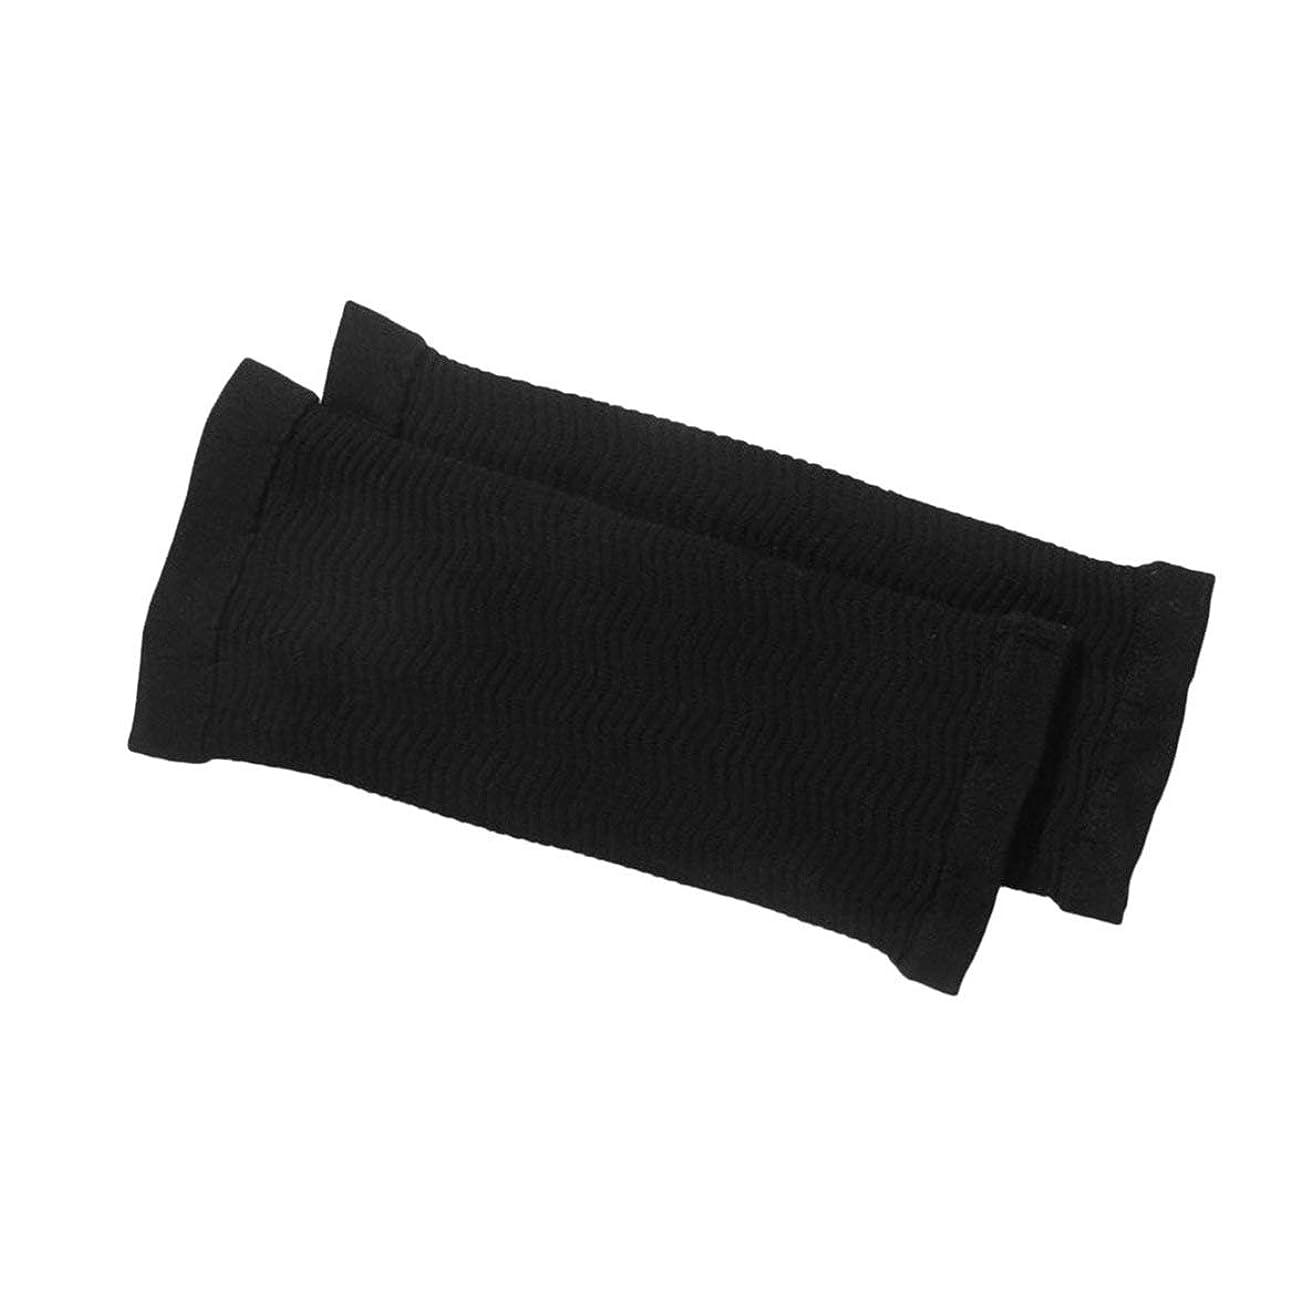 トーン帳面ポジティブ1ペア420 D圧縮痩身アームスリーブワークアウトトーニングバーンセルライトシェイパー脂肪燃焼袖用女性 - 黒